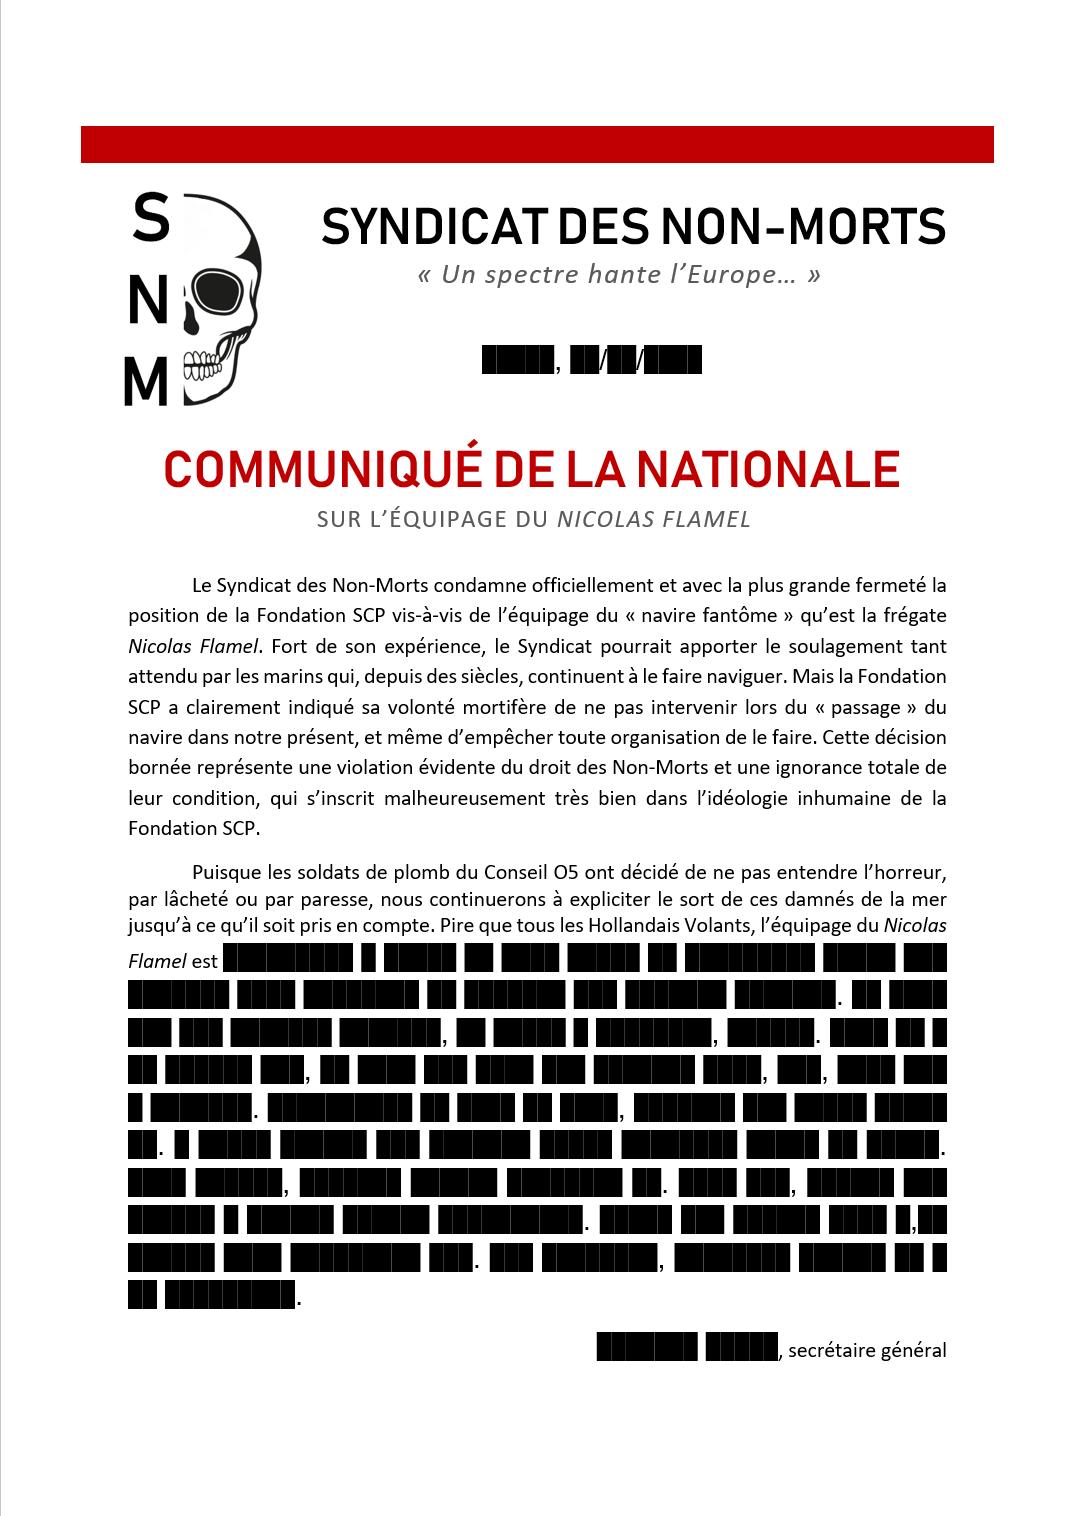 CommuniquéSNM2.png